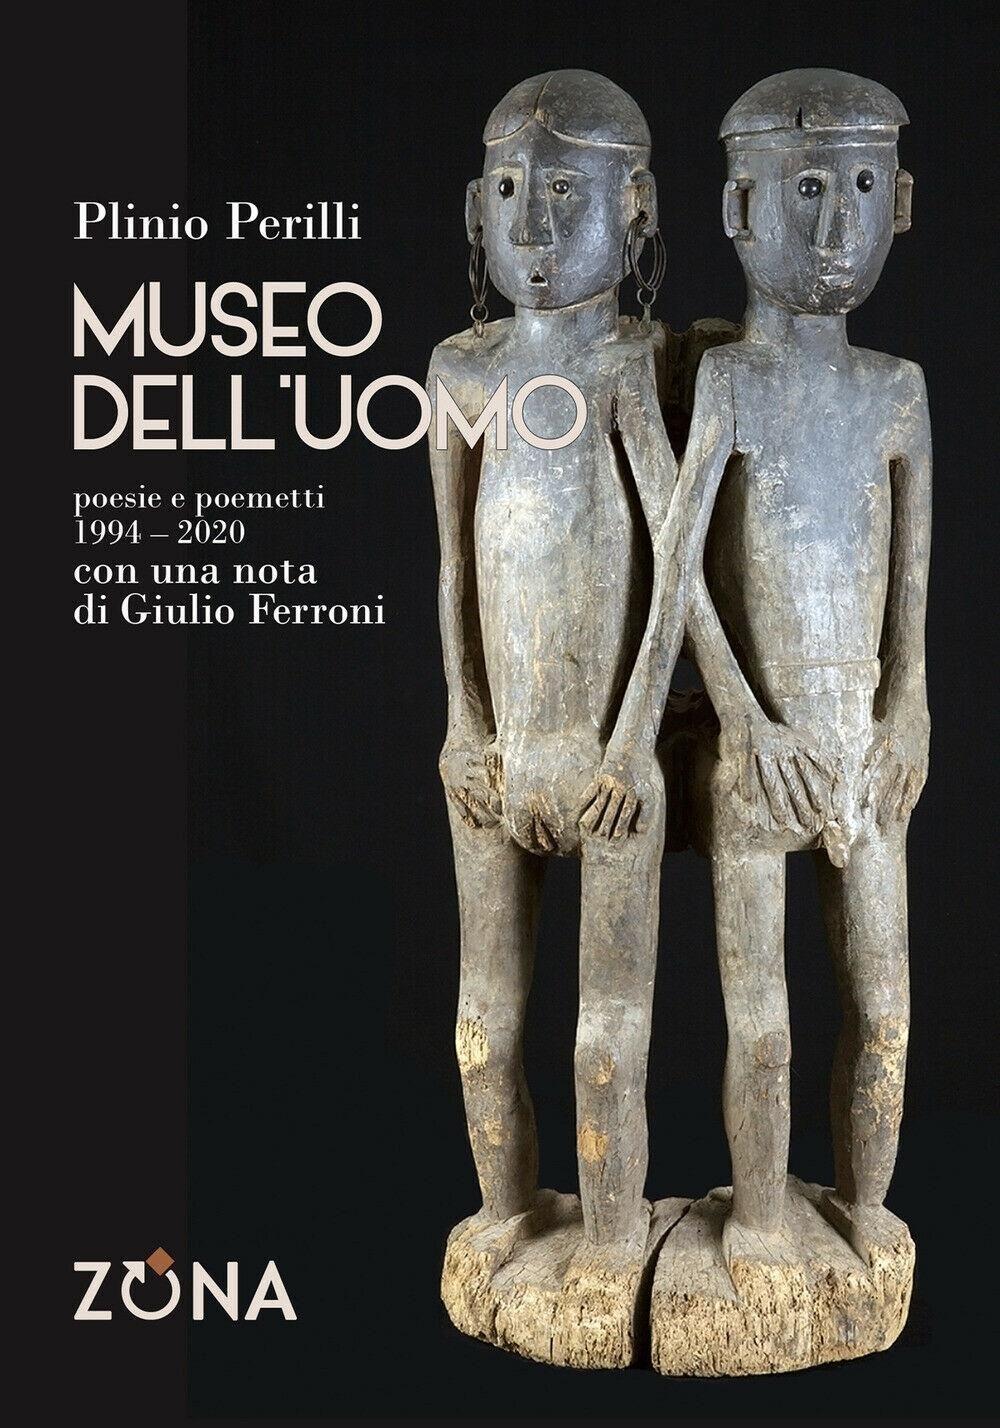 Plinio Perilli, Museo dell'uomo